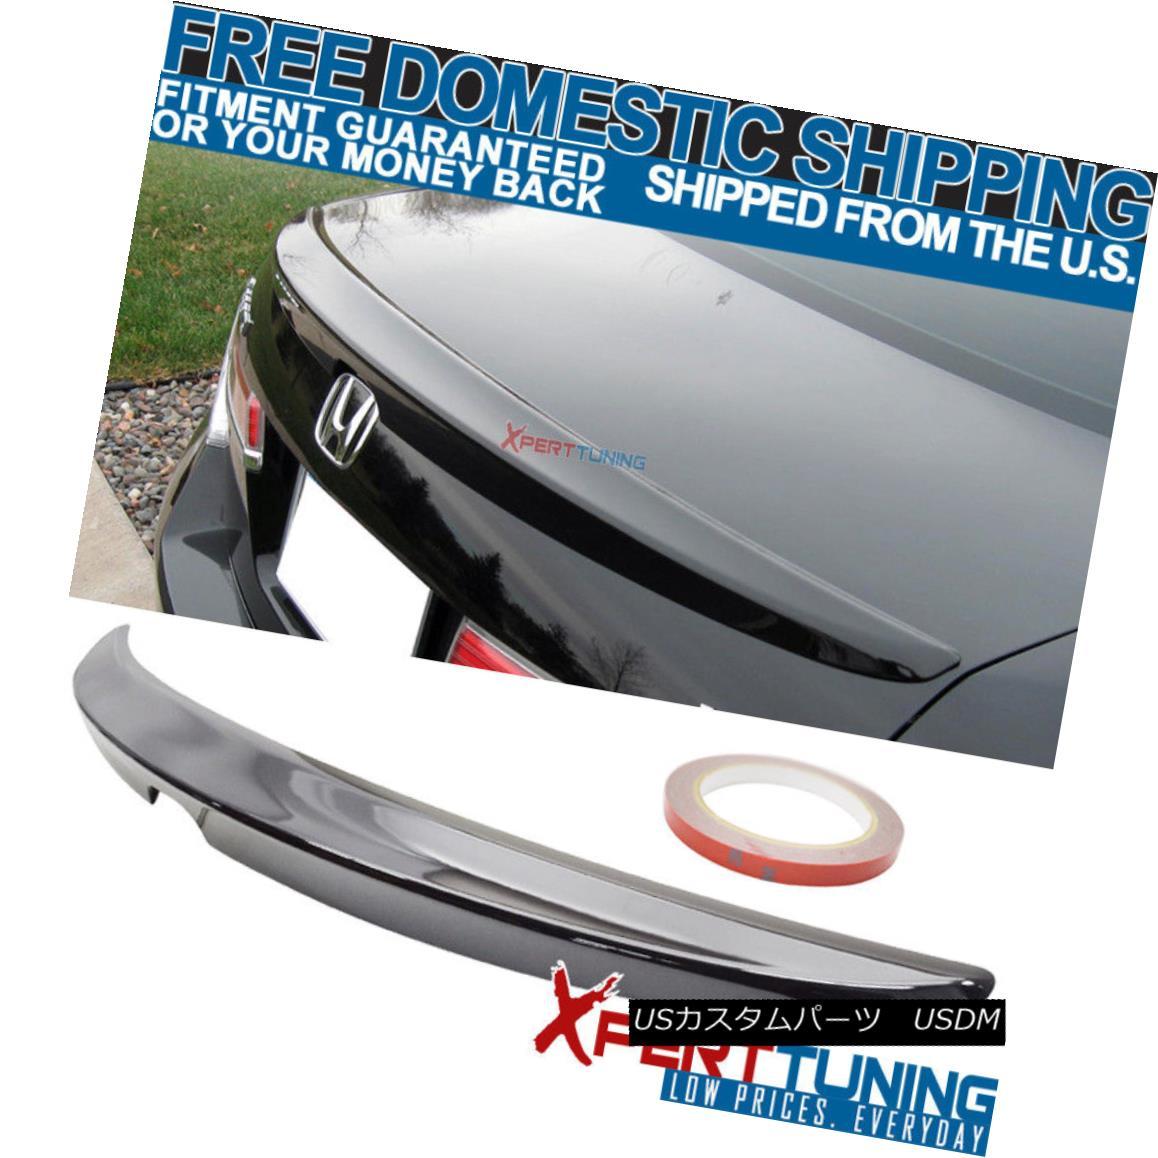 エアロパーツ Fit For 08-12 Accord 4Dr Trunk Spoiler Painted # NH731P Crystal Black Pearl 08-12アコード4Drトランク・スポイラー塗装#NH731Pクリスタル・ブラック・パール